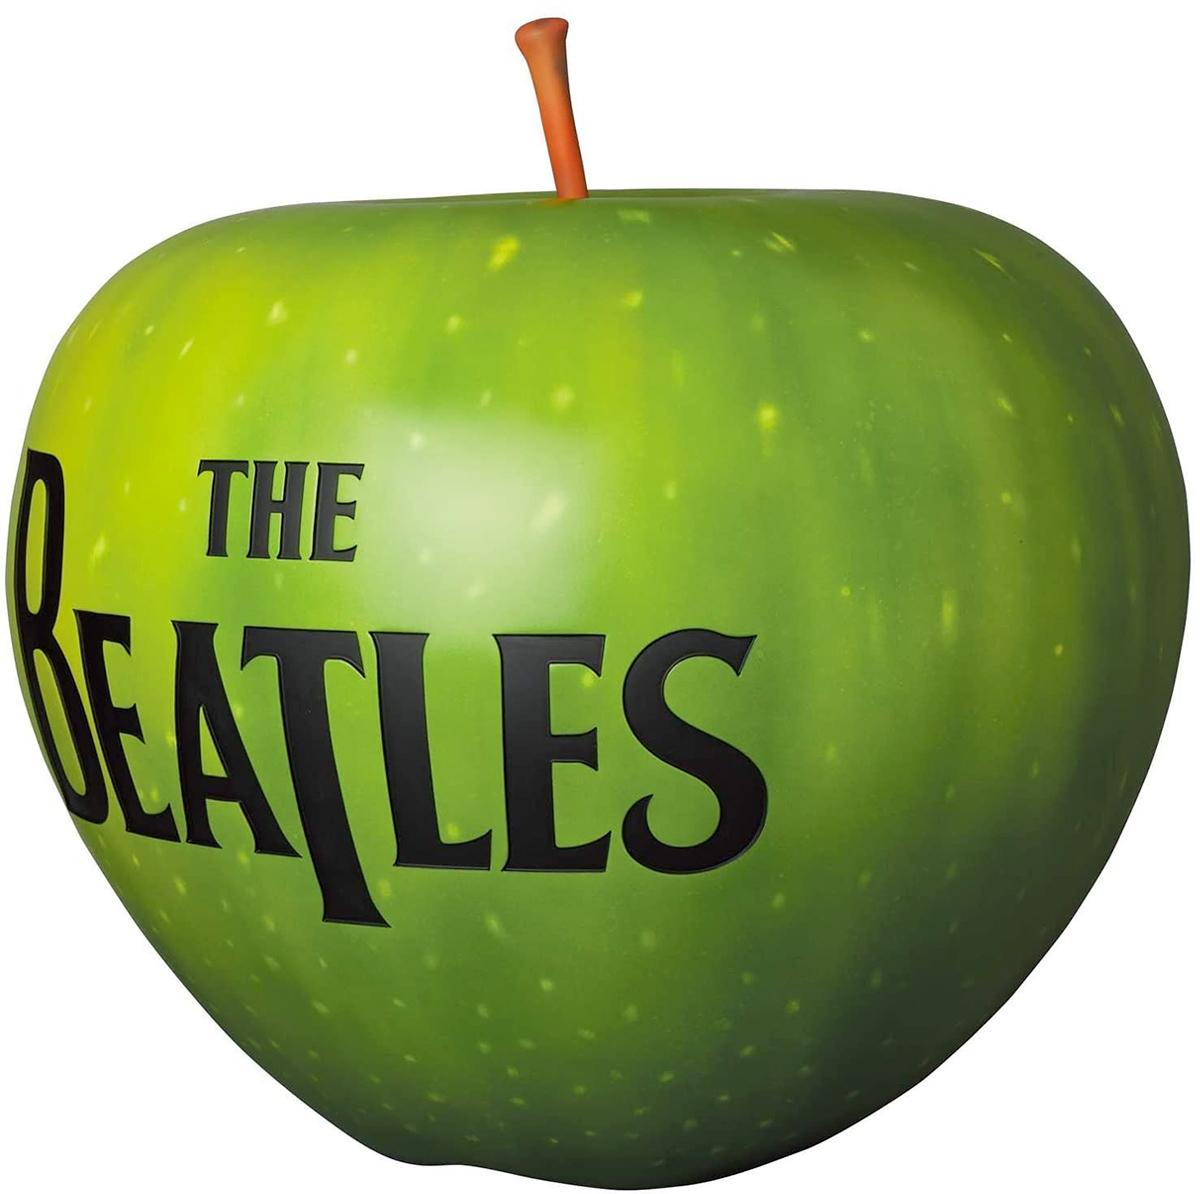 The Beatles Apple Colour Version Statue